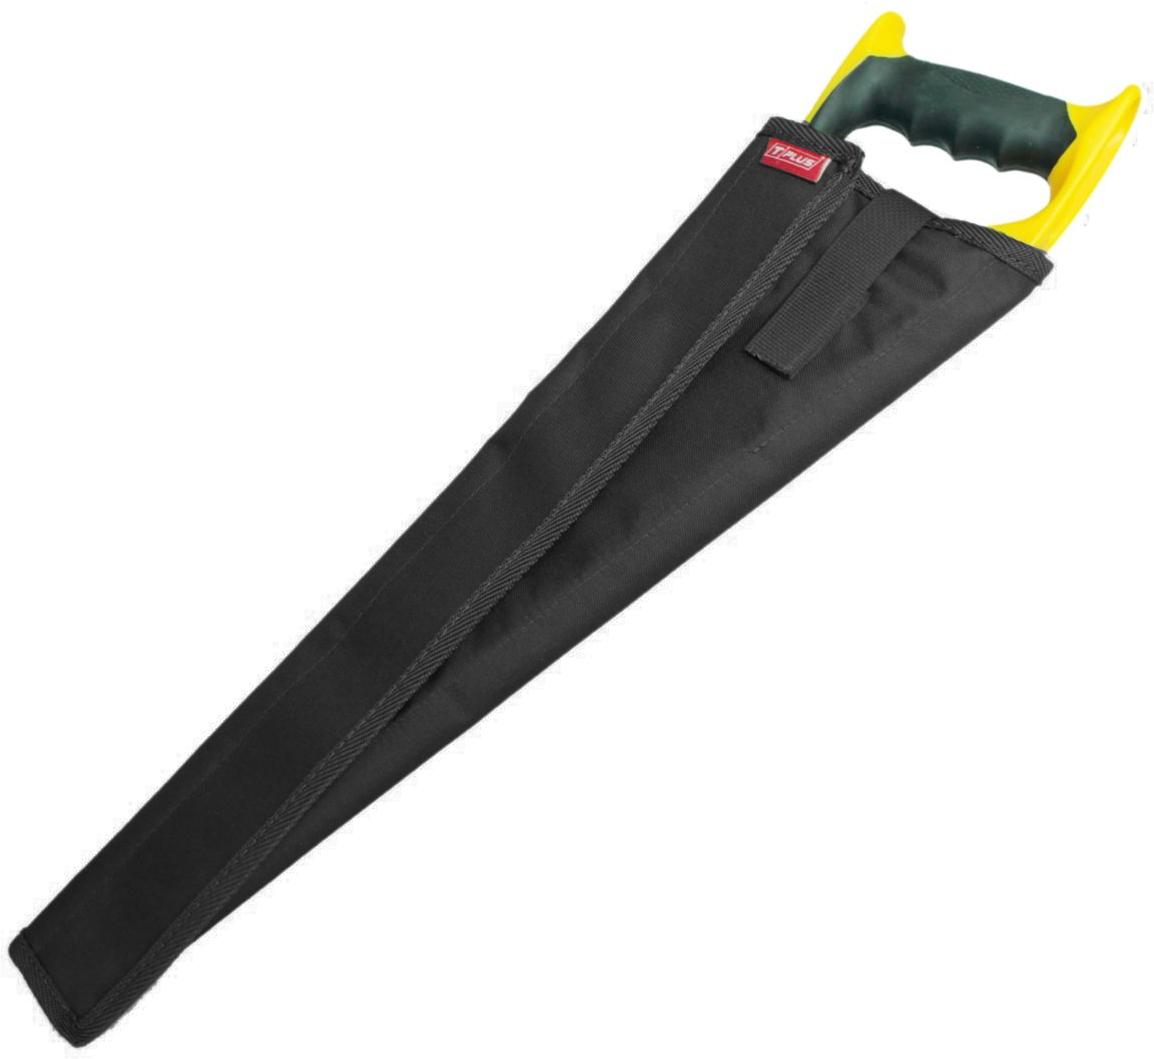 Чехол для ножовки Tplus, кордура 900, цвет: черный, 50 смT014489Чехол для ножовки удобная и полезная вещь. Благодаря ему можно положить ножовку в сумку или рюкзак без какого-либо ущерба. Чехол является разъемным и позволяет просто обернуть его вокруг ножовки. В зависимости от ее ширины чехол можно сделать плотнее или свободнее.Его длина – 500 мм, изготовлен он из ткани кордура 900, которая имеет высокую прочность на разрыв и стойкость к истиранию. Закрывается чехол при помощи текстильной ленты-липучки, пришитой вдоль него. Также на нем предусмотрен специальный язычок на липучке, который с одной стороны просовывается сквозь ручку ножовки, а с другой стороны крепится на чехол, создавая фиксацию.Приобретая чехол для ножовки, вы обеспечиваете безопасную переноску режущего предмета, а также защищаете его от грязи, пыли и влаги.